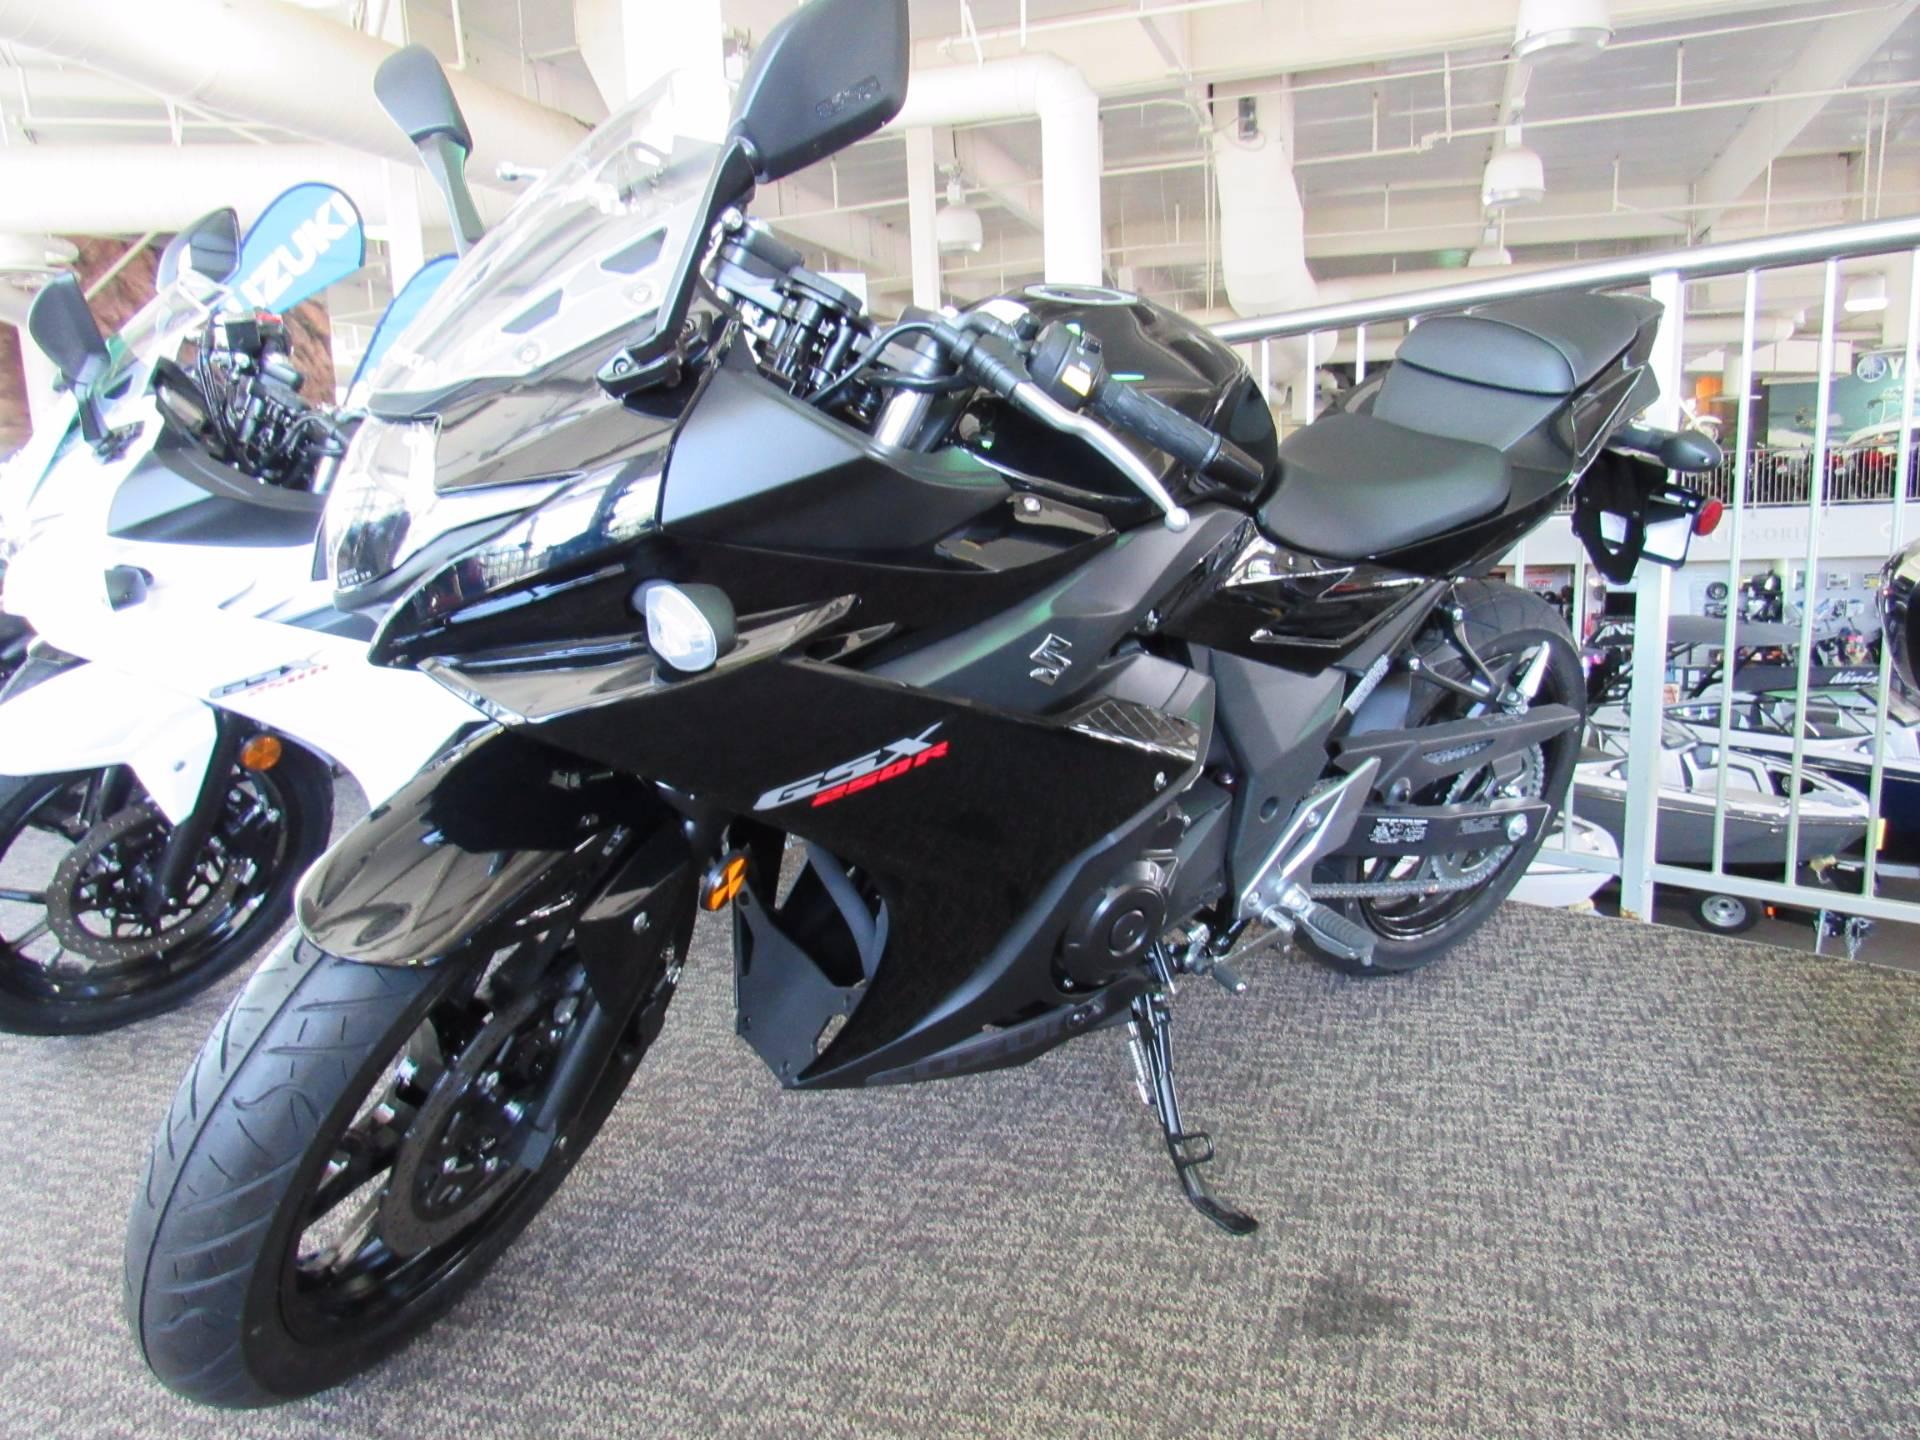 New 2018 Suzuki Gsx250r Motorcycles In Irvine Ca Stock